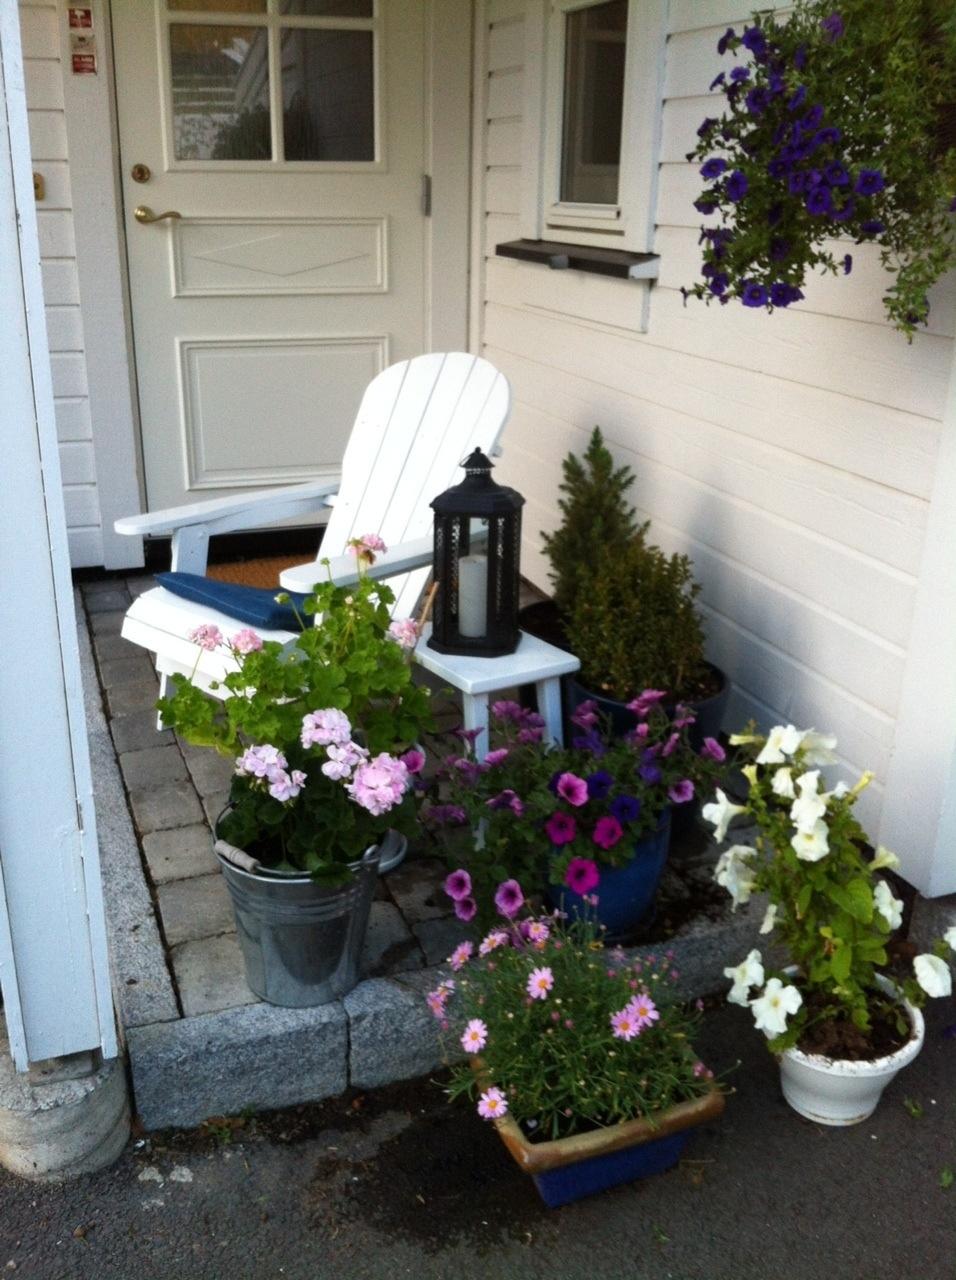 Blomster i krukker – Bodils lille blogg